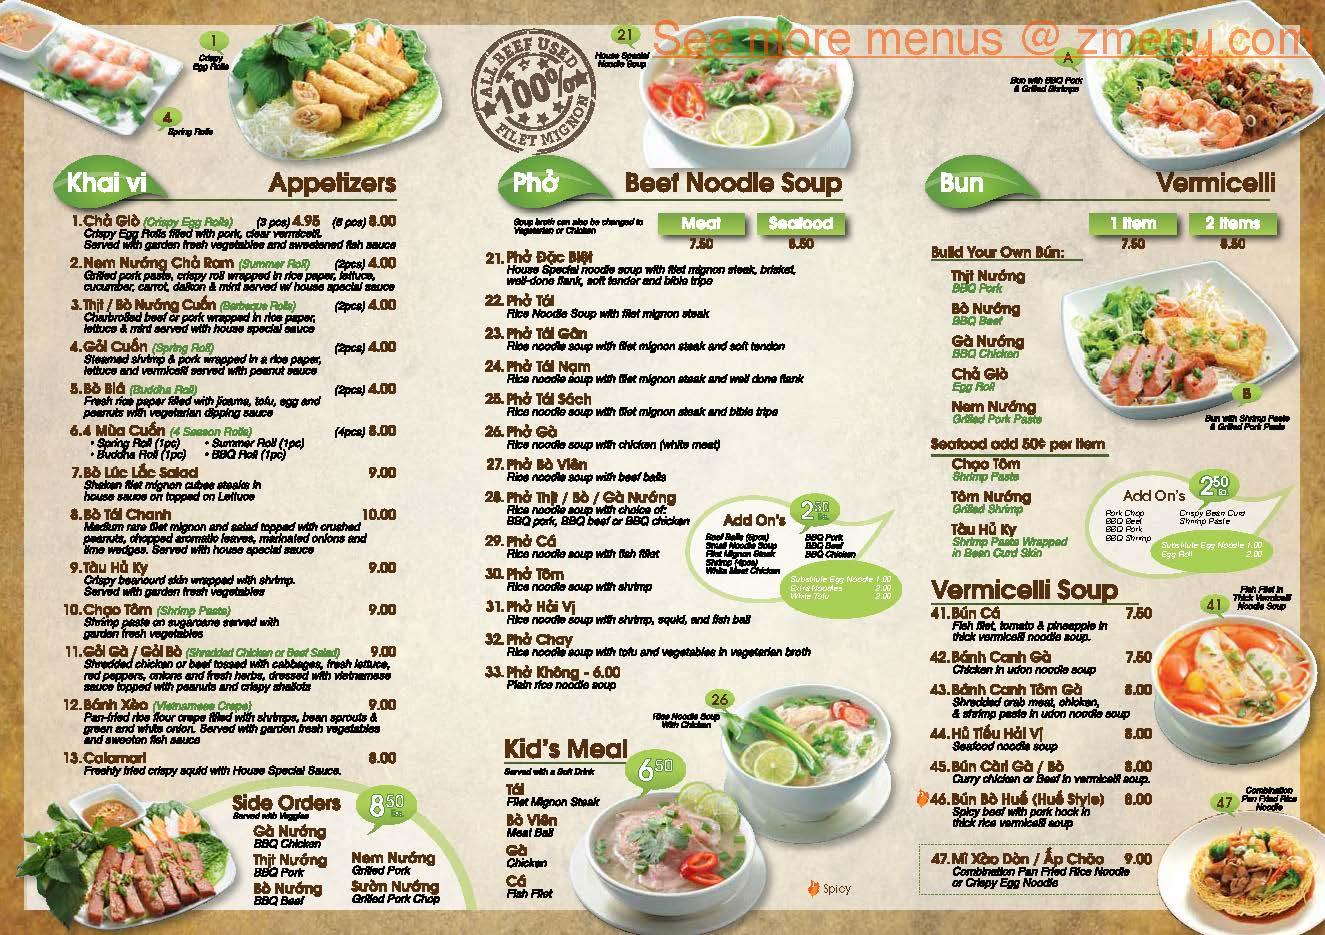 Pho Ha Vietnamese Restaurant Menu